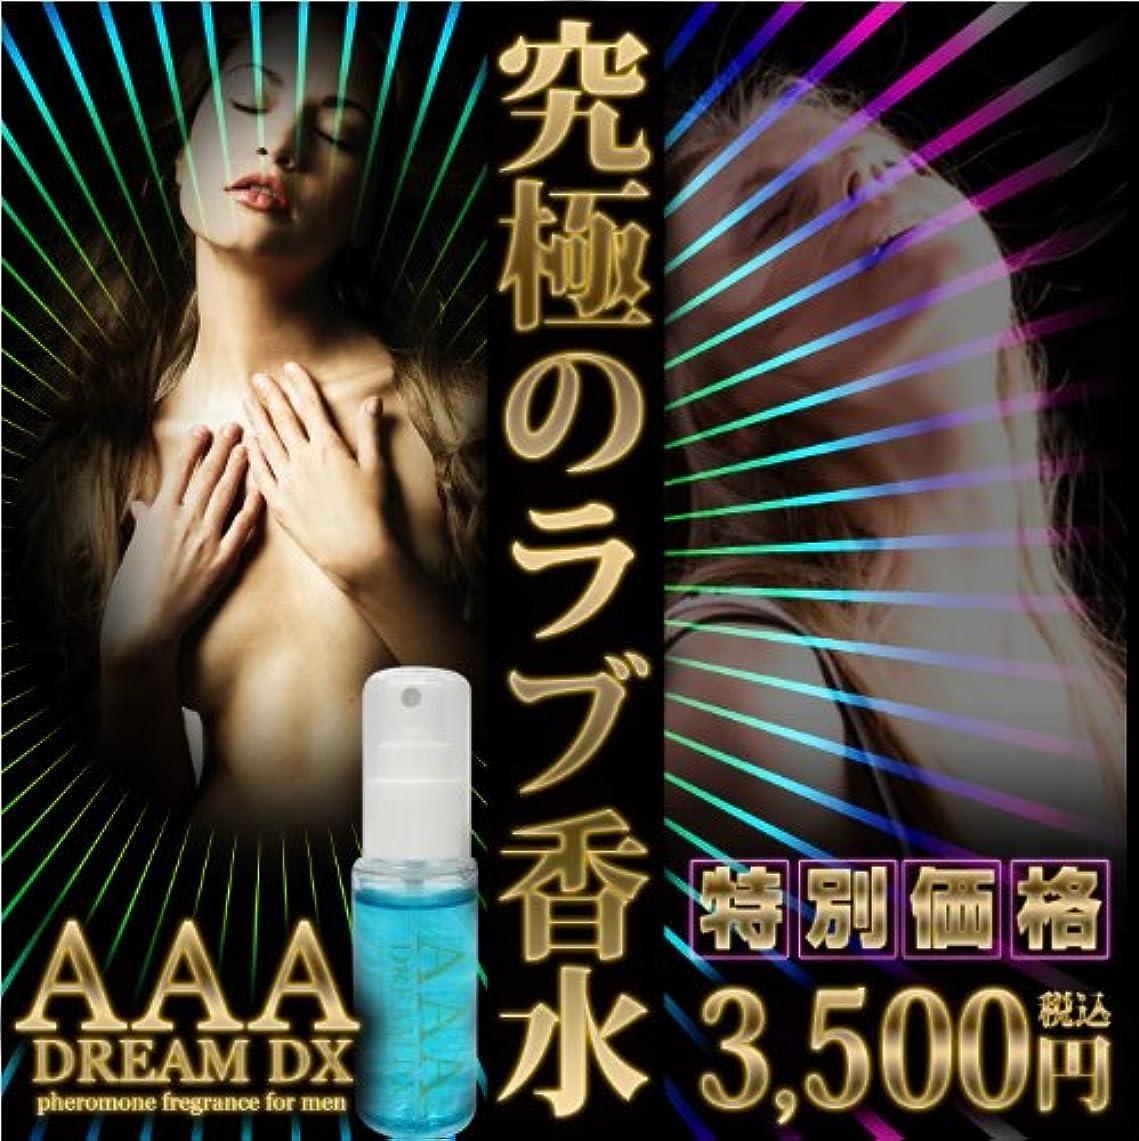 どうやら模索びっくりしたAAA DreamDX エーエーエードリームデラックス(消臭成分配合男性用フェロモン香水)